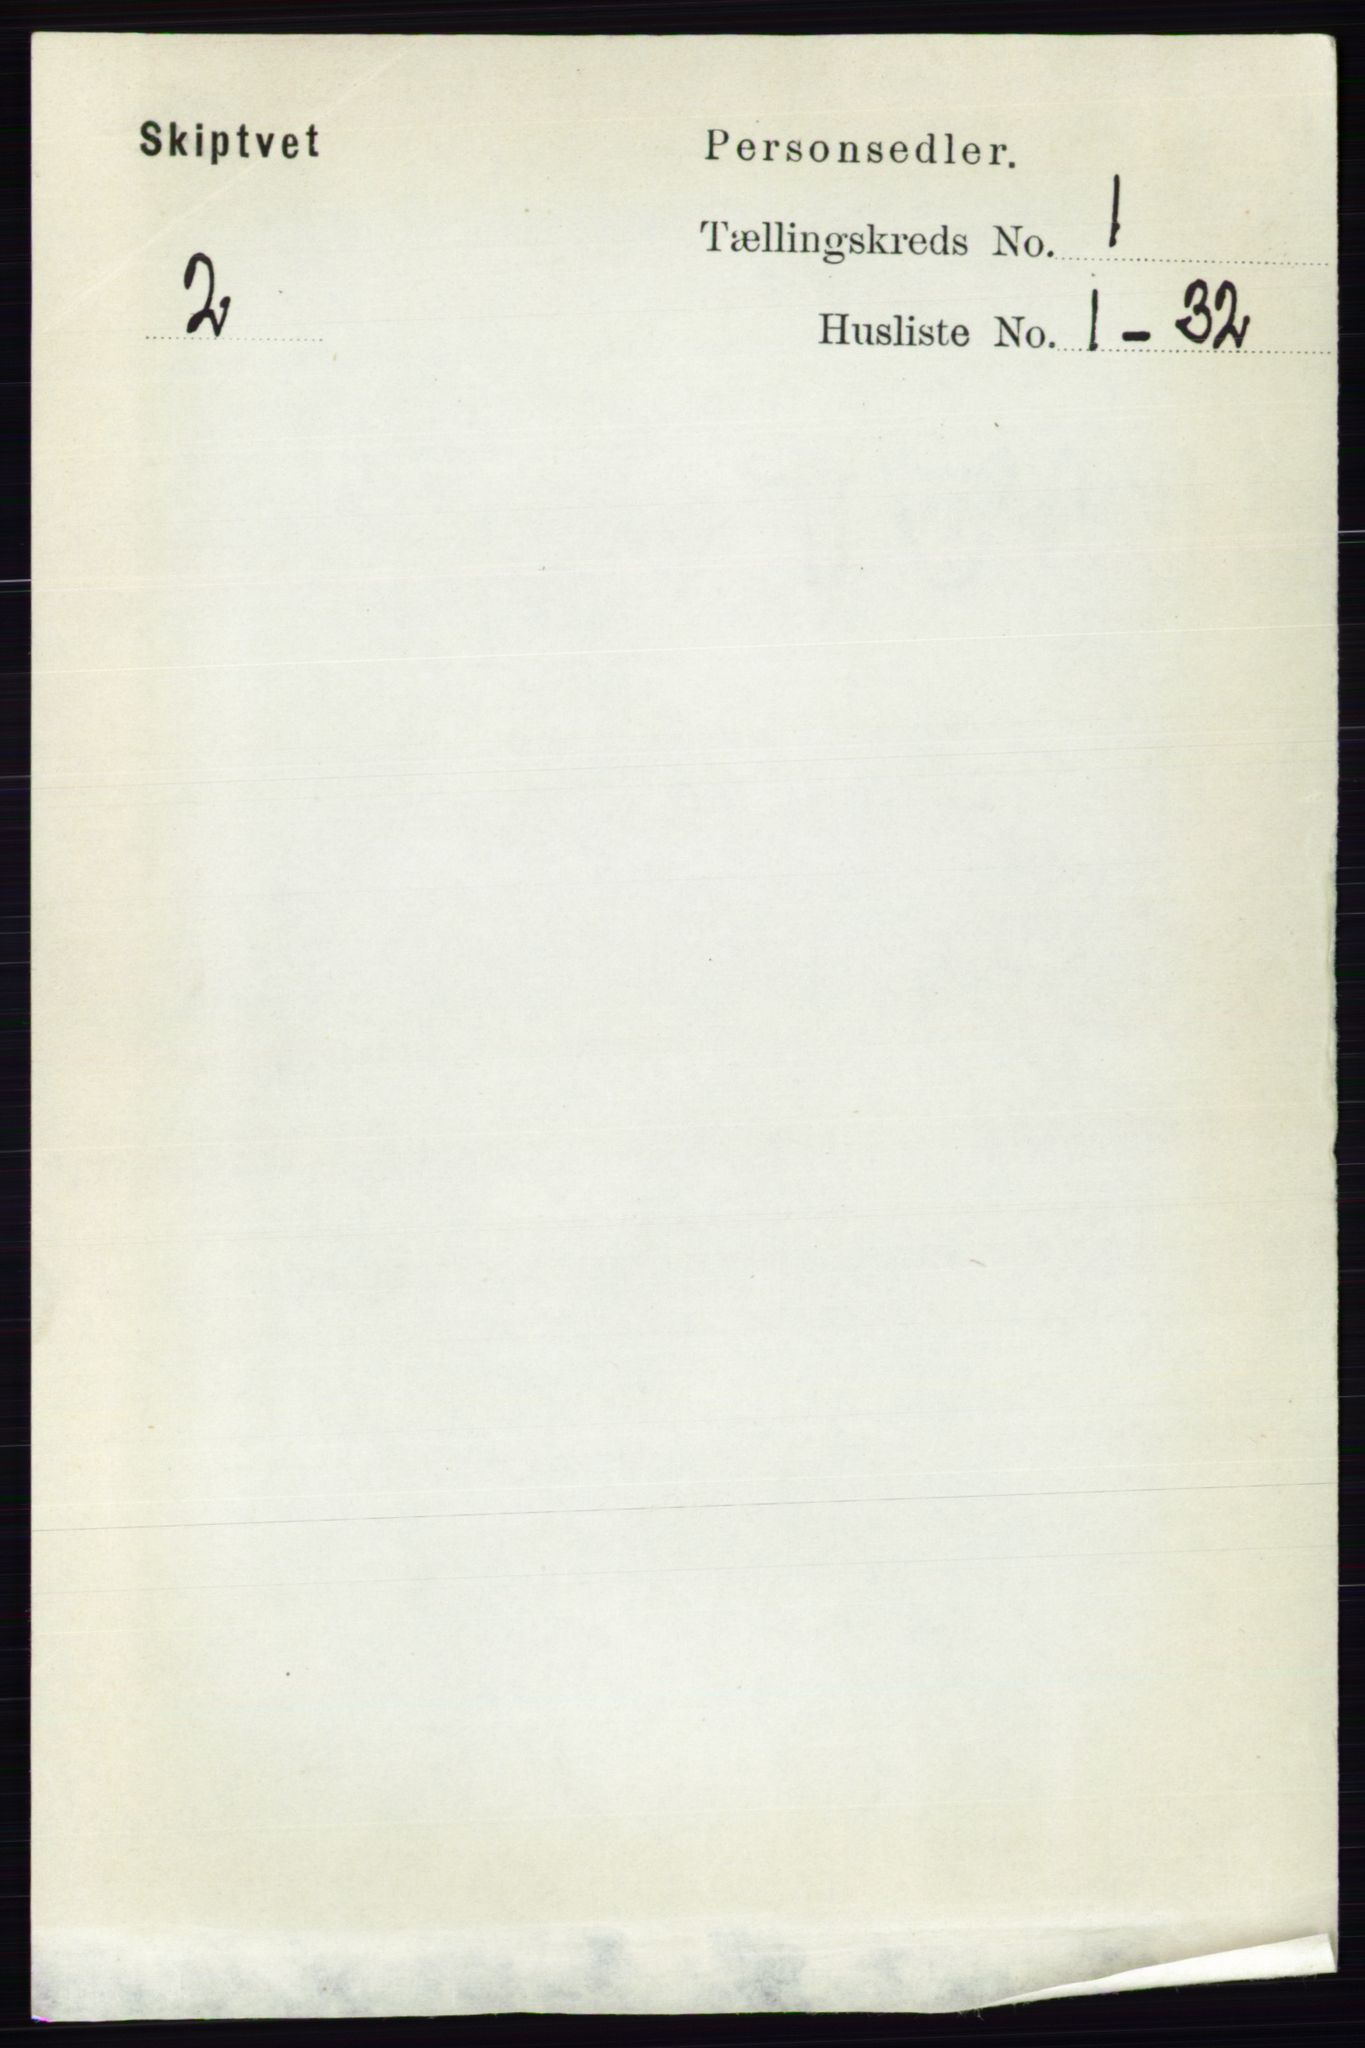 RA, Folketelling 1891 for 0127 Skiptvet herred, 1891, s. 88